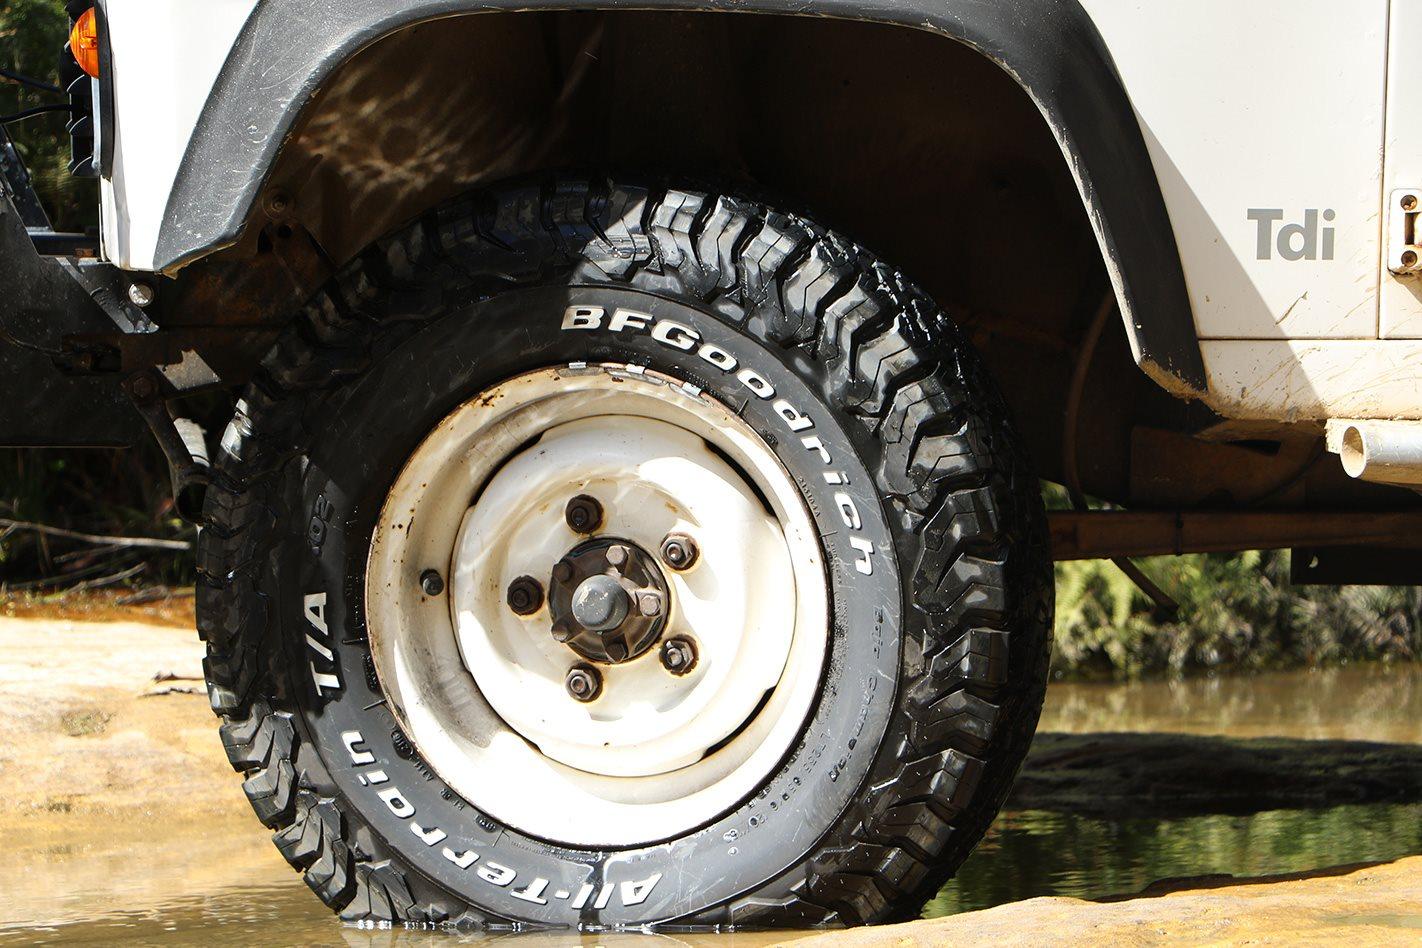 Land-Rover-Defender-300TDI-watercrossing.jpg